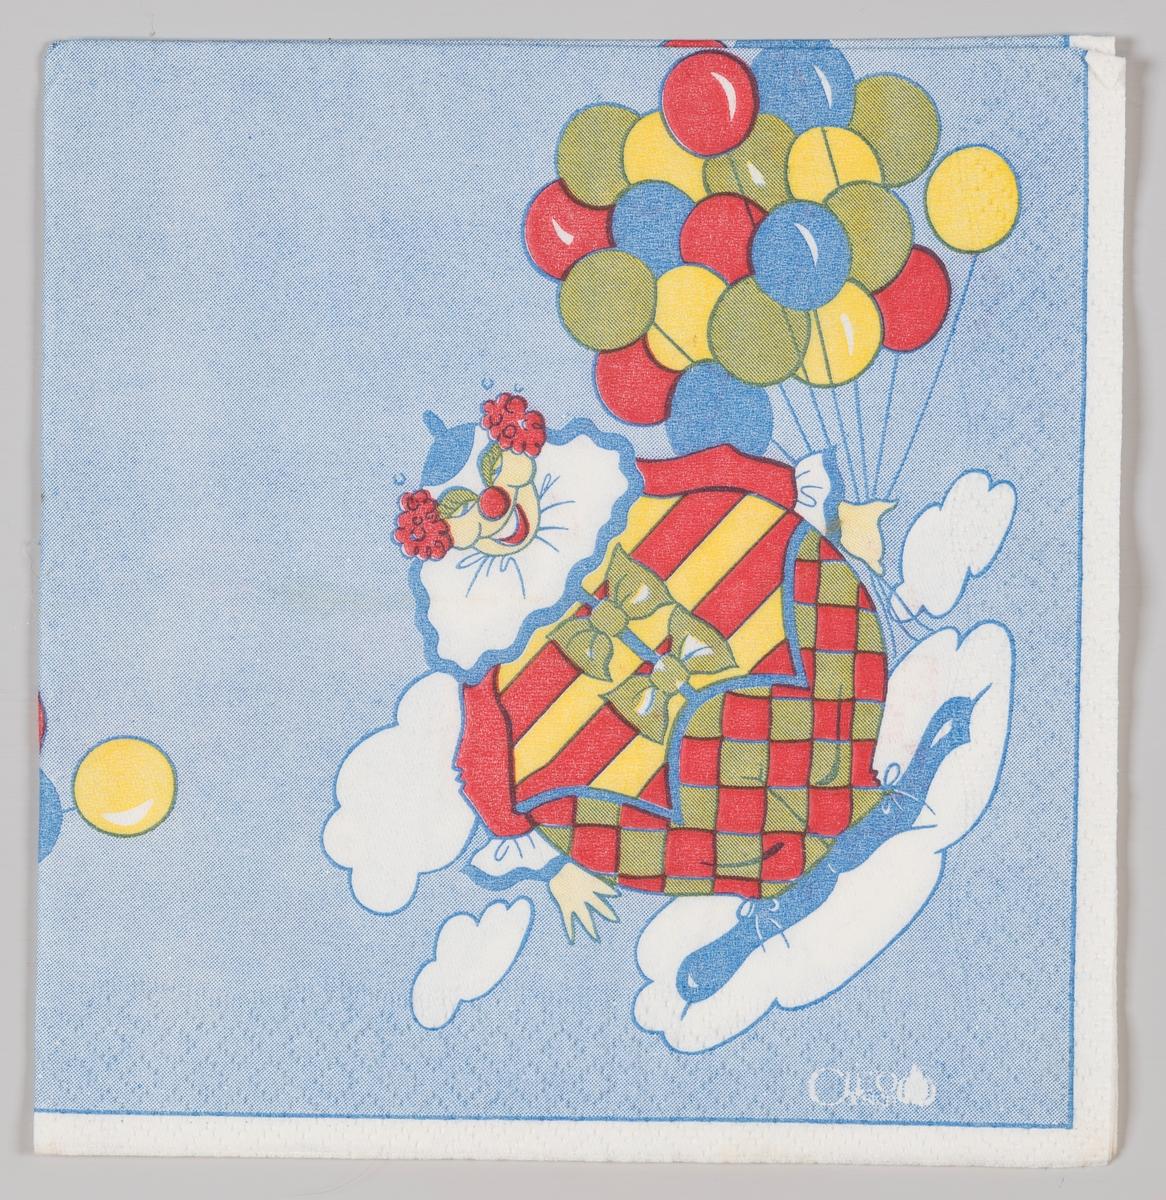 En klovn med masse ballonger står på en sky.